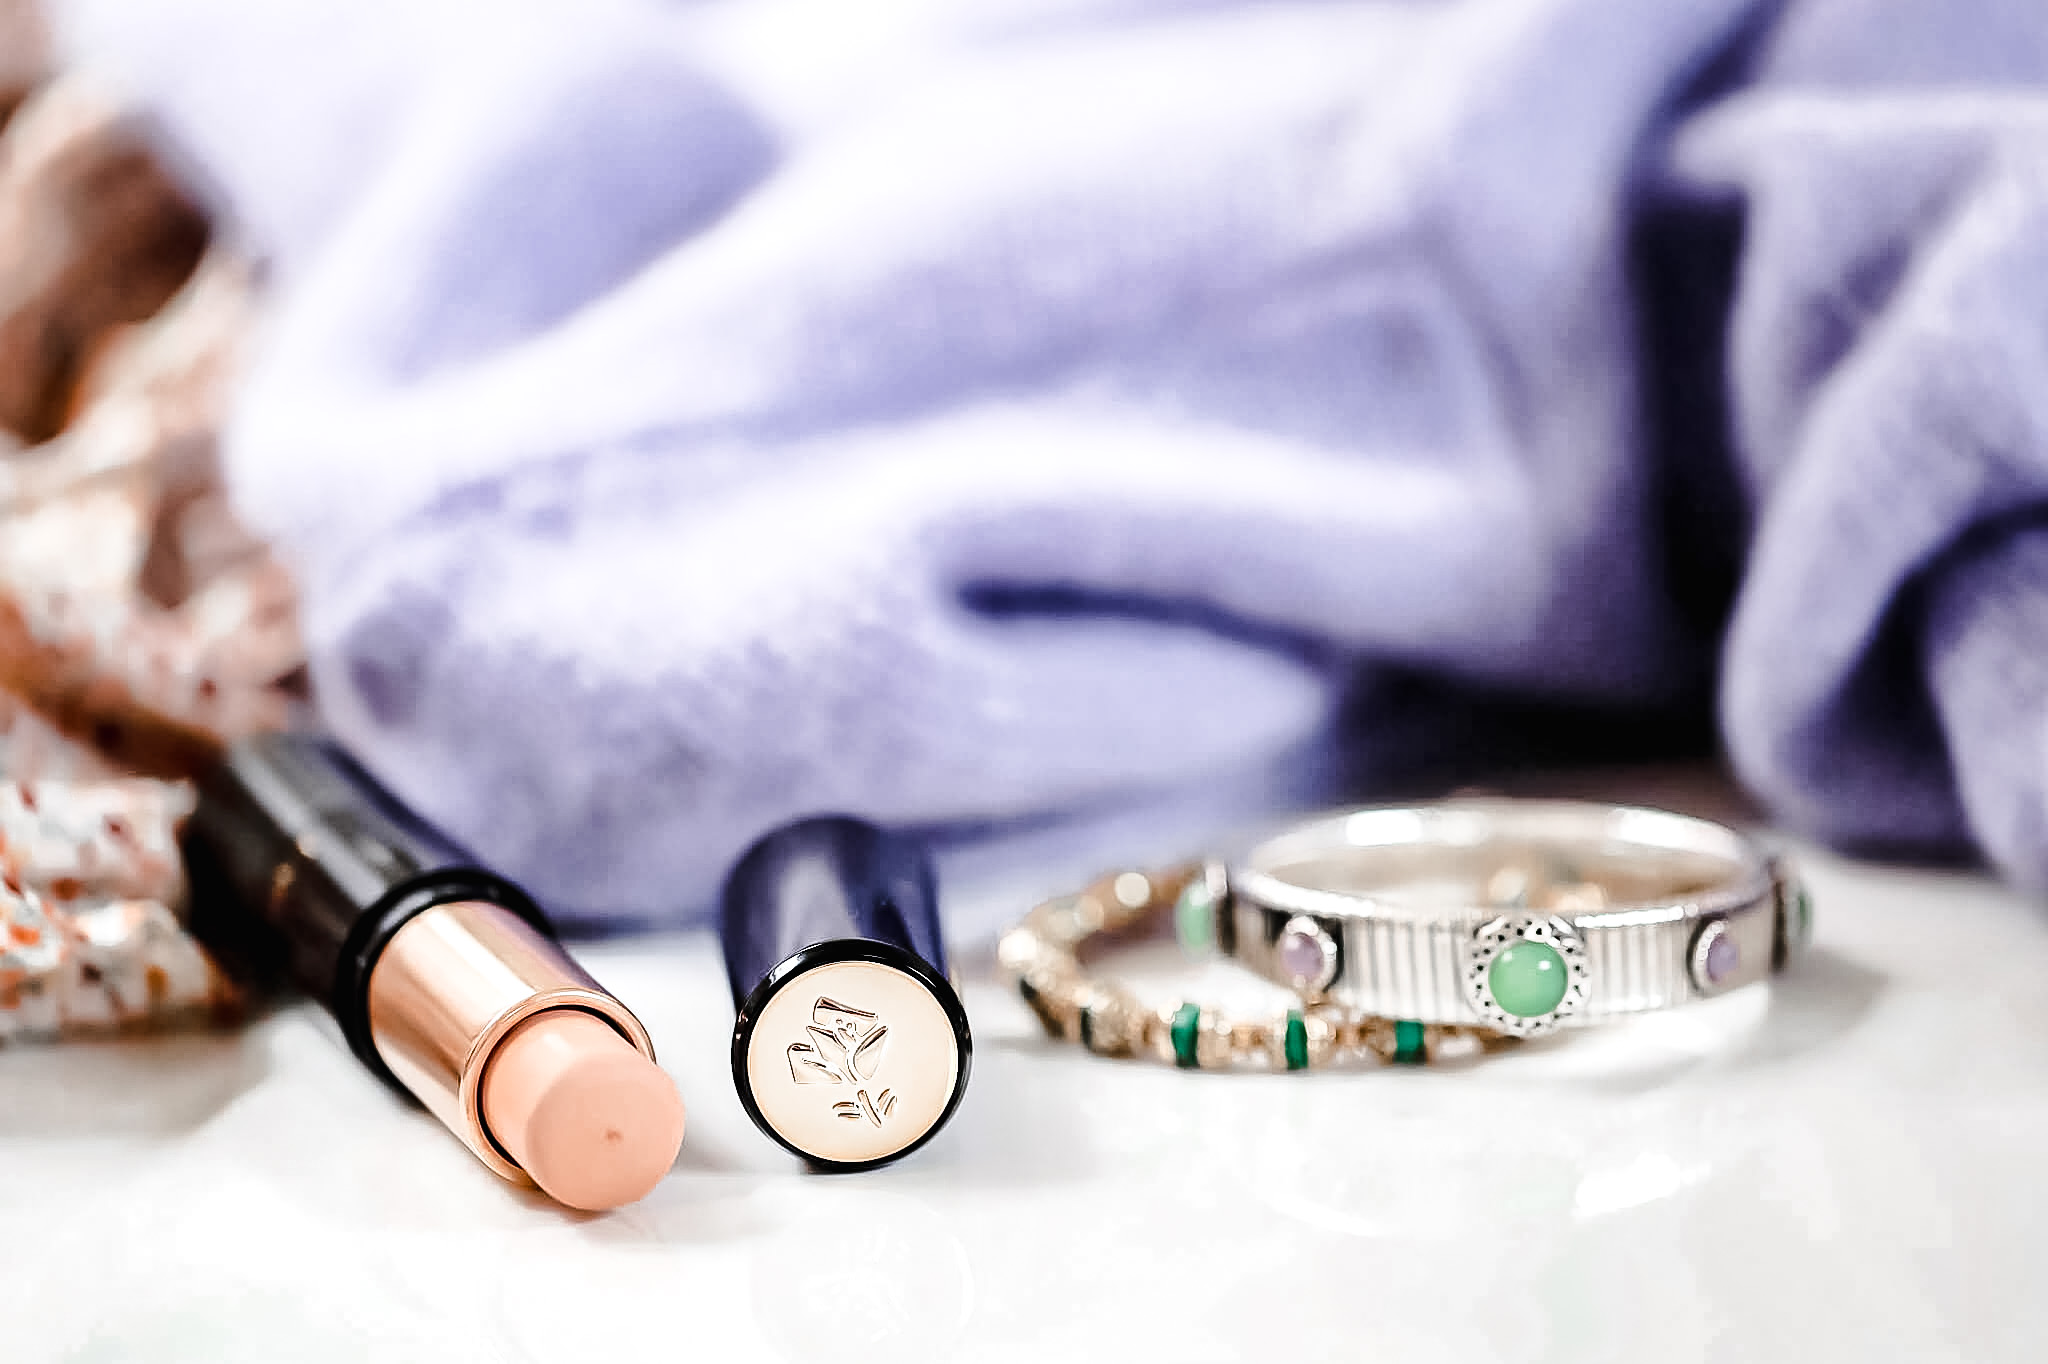 Lancome Teint Idole Ultra Wear Stick